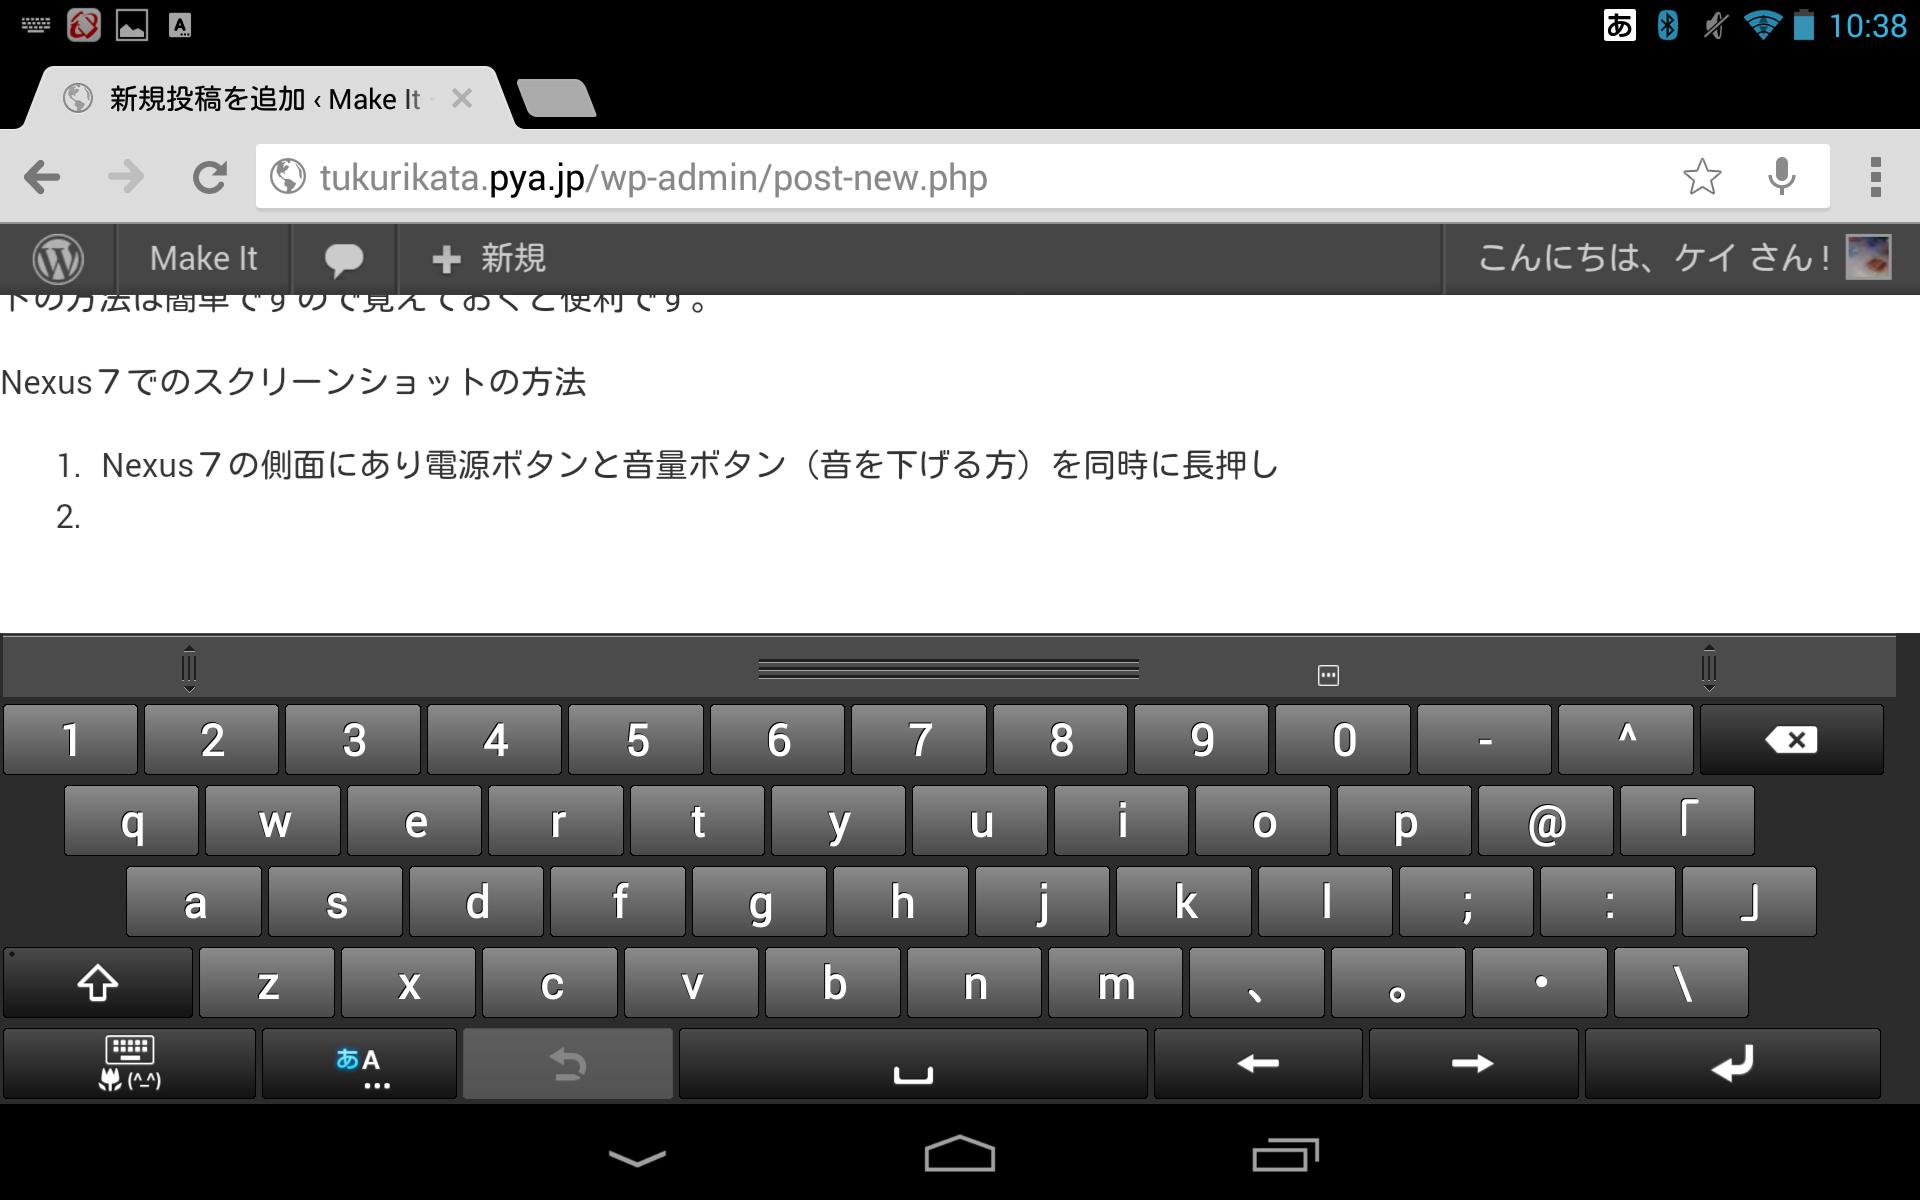 割と簡単!Nexus7の画面を記録する方法(スクリーンショット・プリントスクリーン)